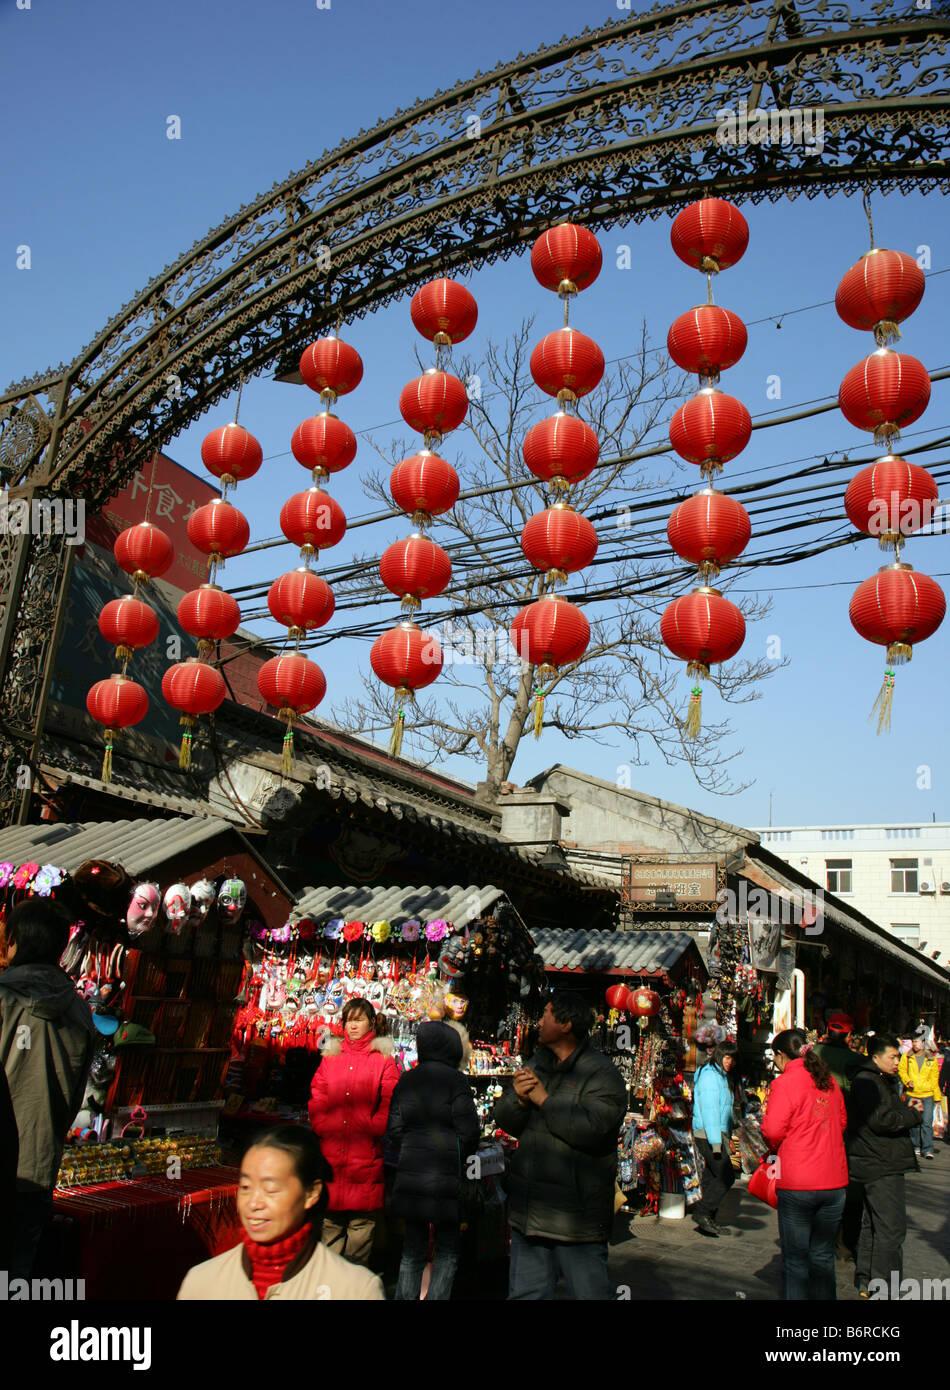 street market, Wangfujing Beijing China - Stock Image